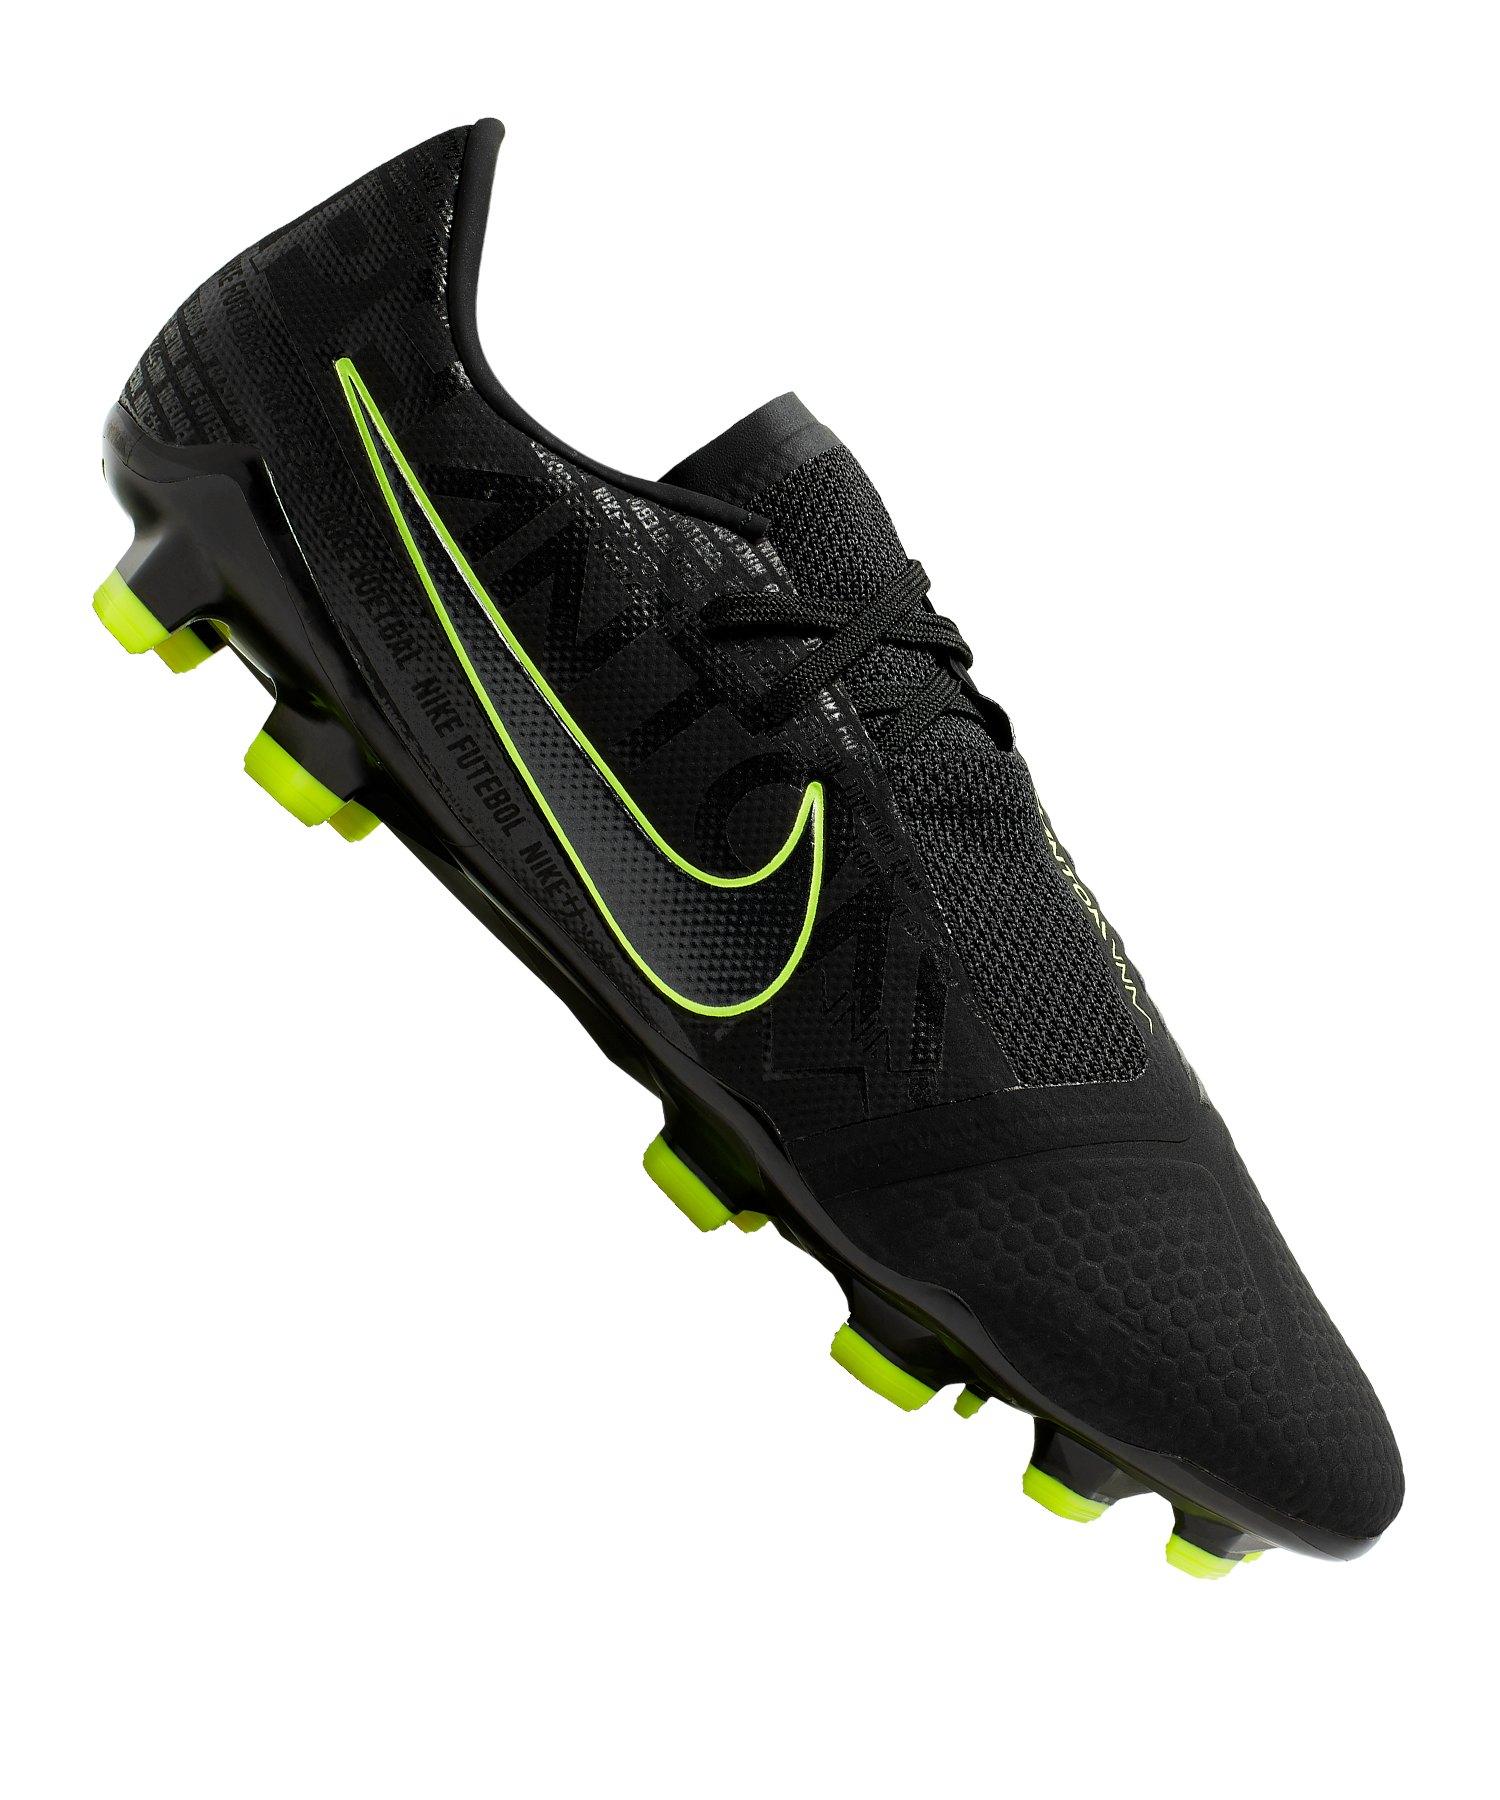 Nike Phantom Venom Pro FG Schwarz Gelb F007 - schwarz